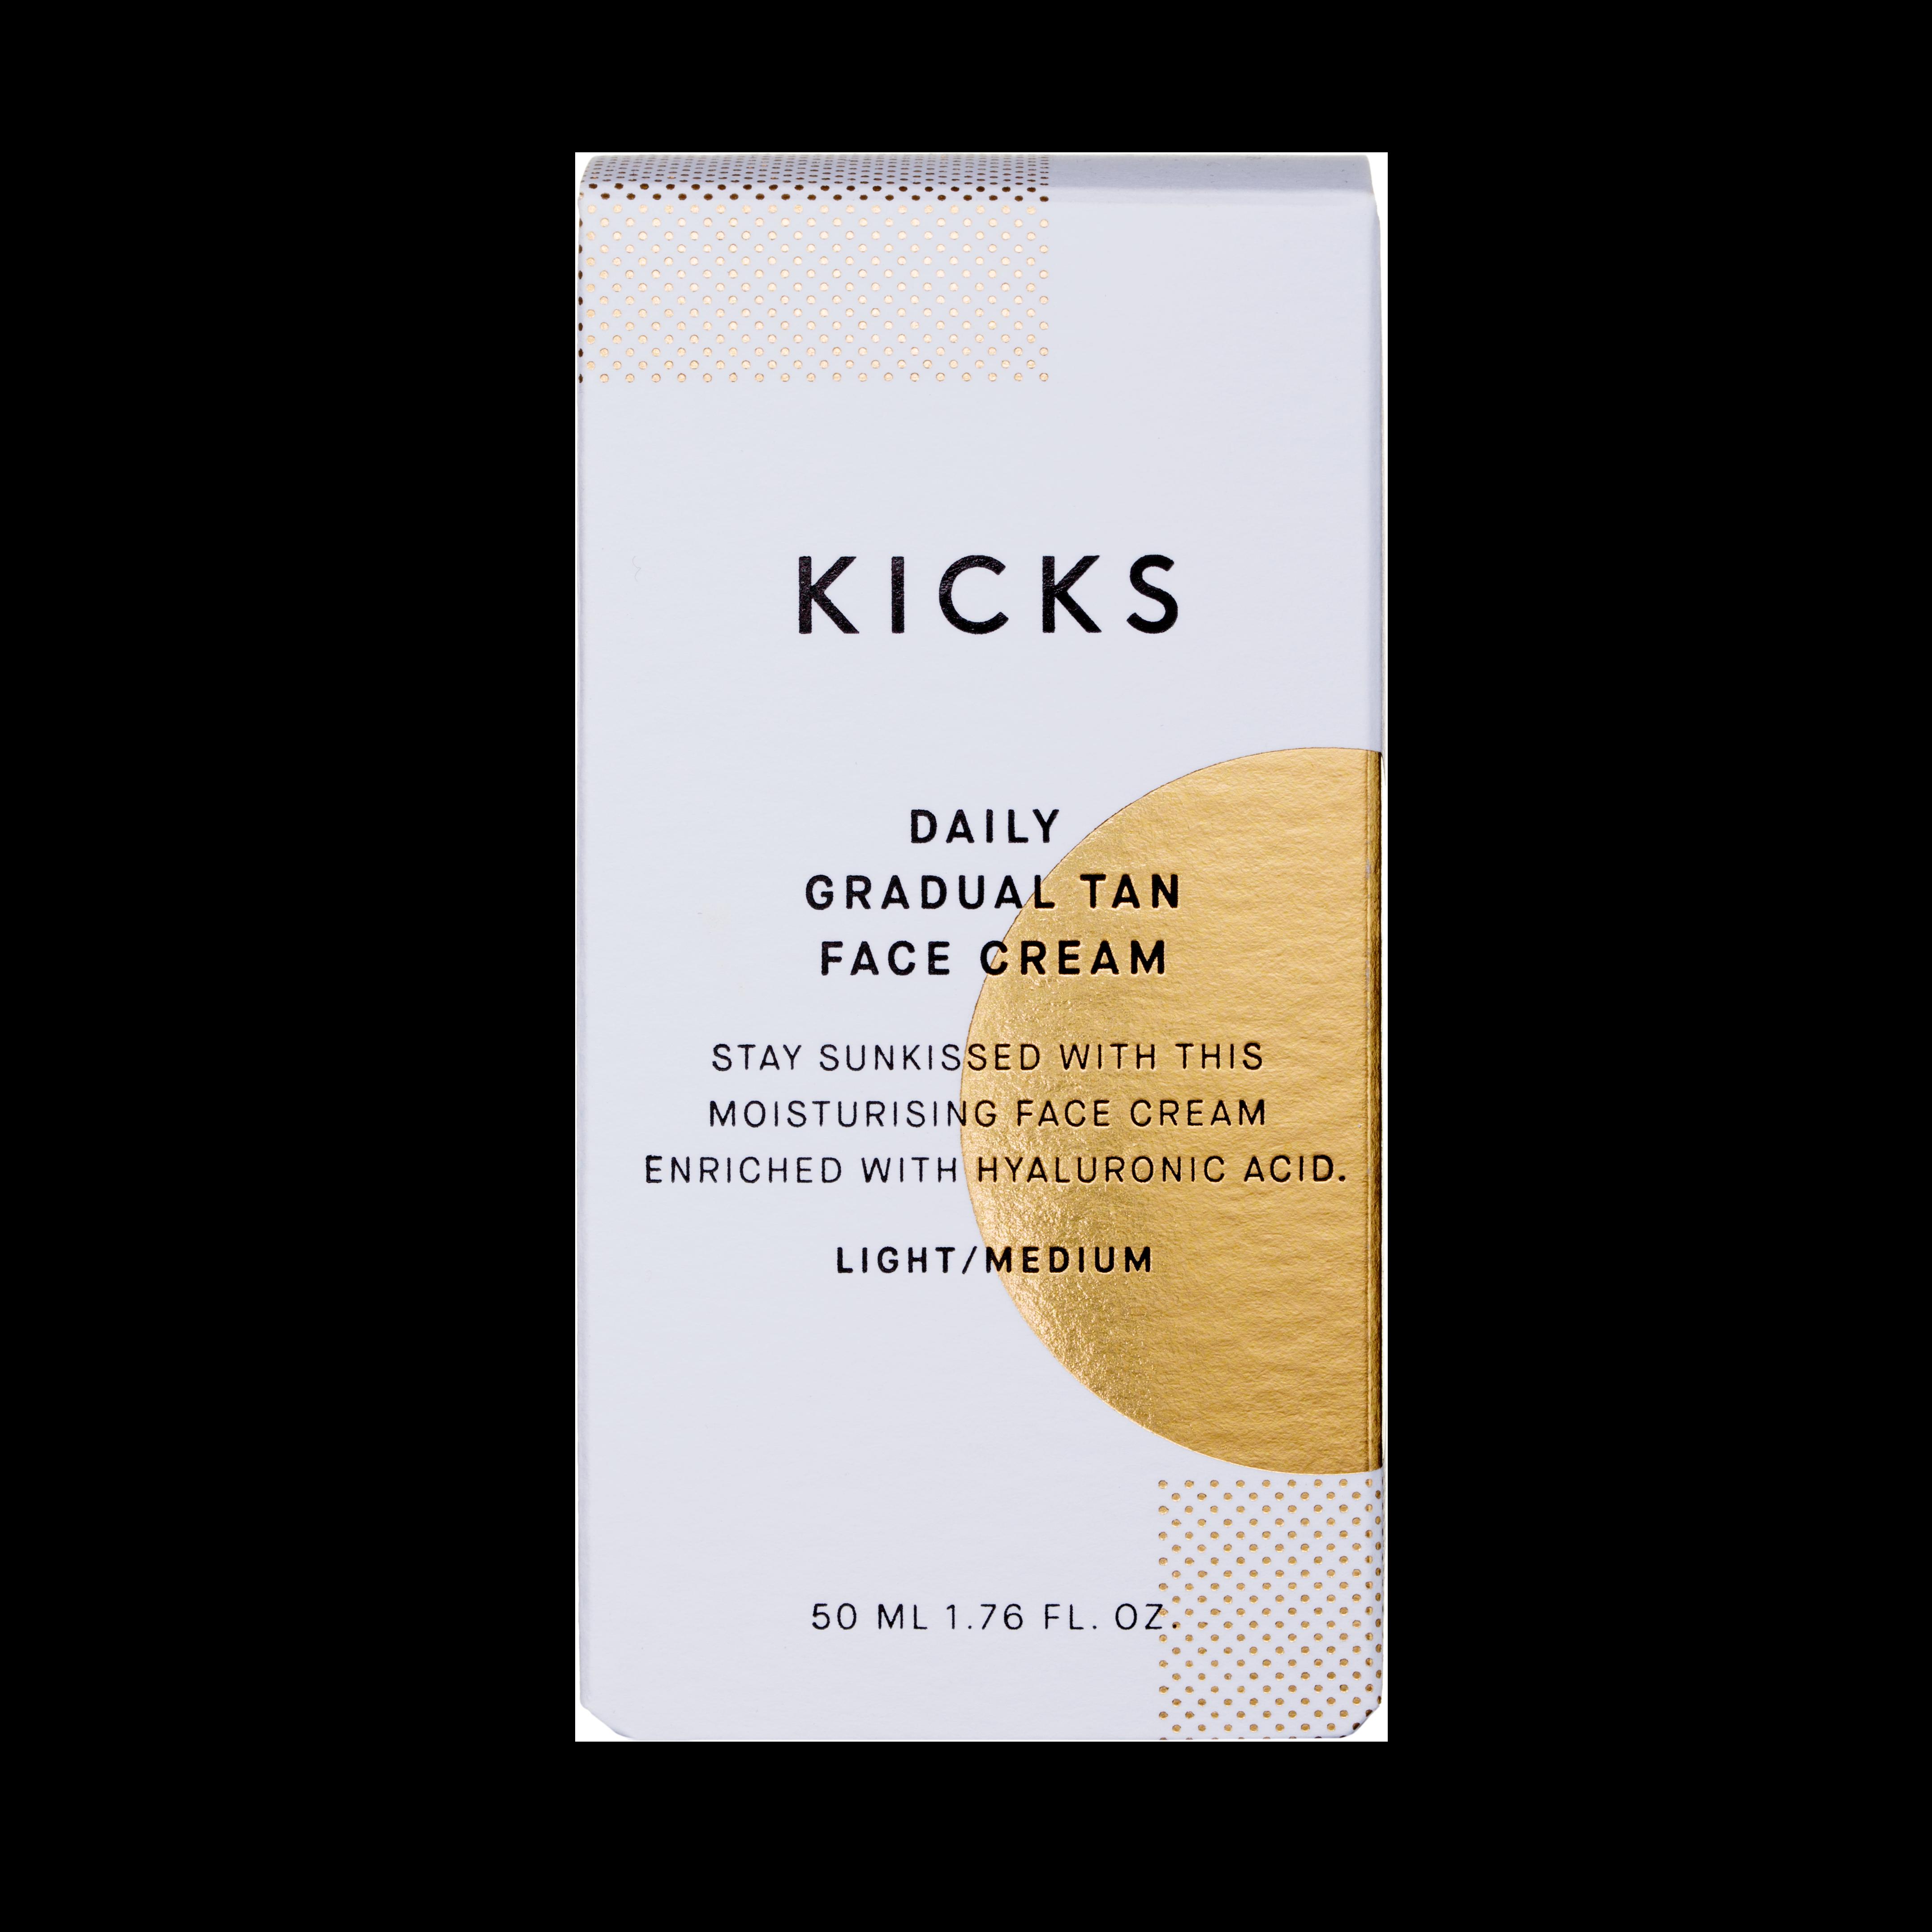 Daily Gradual Tan Face Cream Light/Medium, 50ml